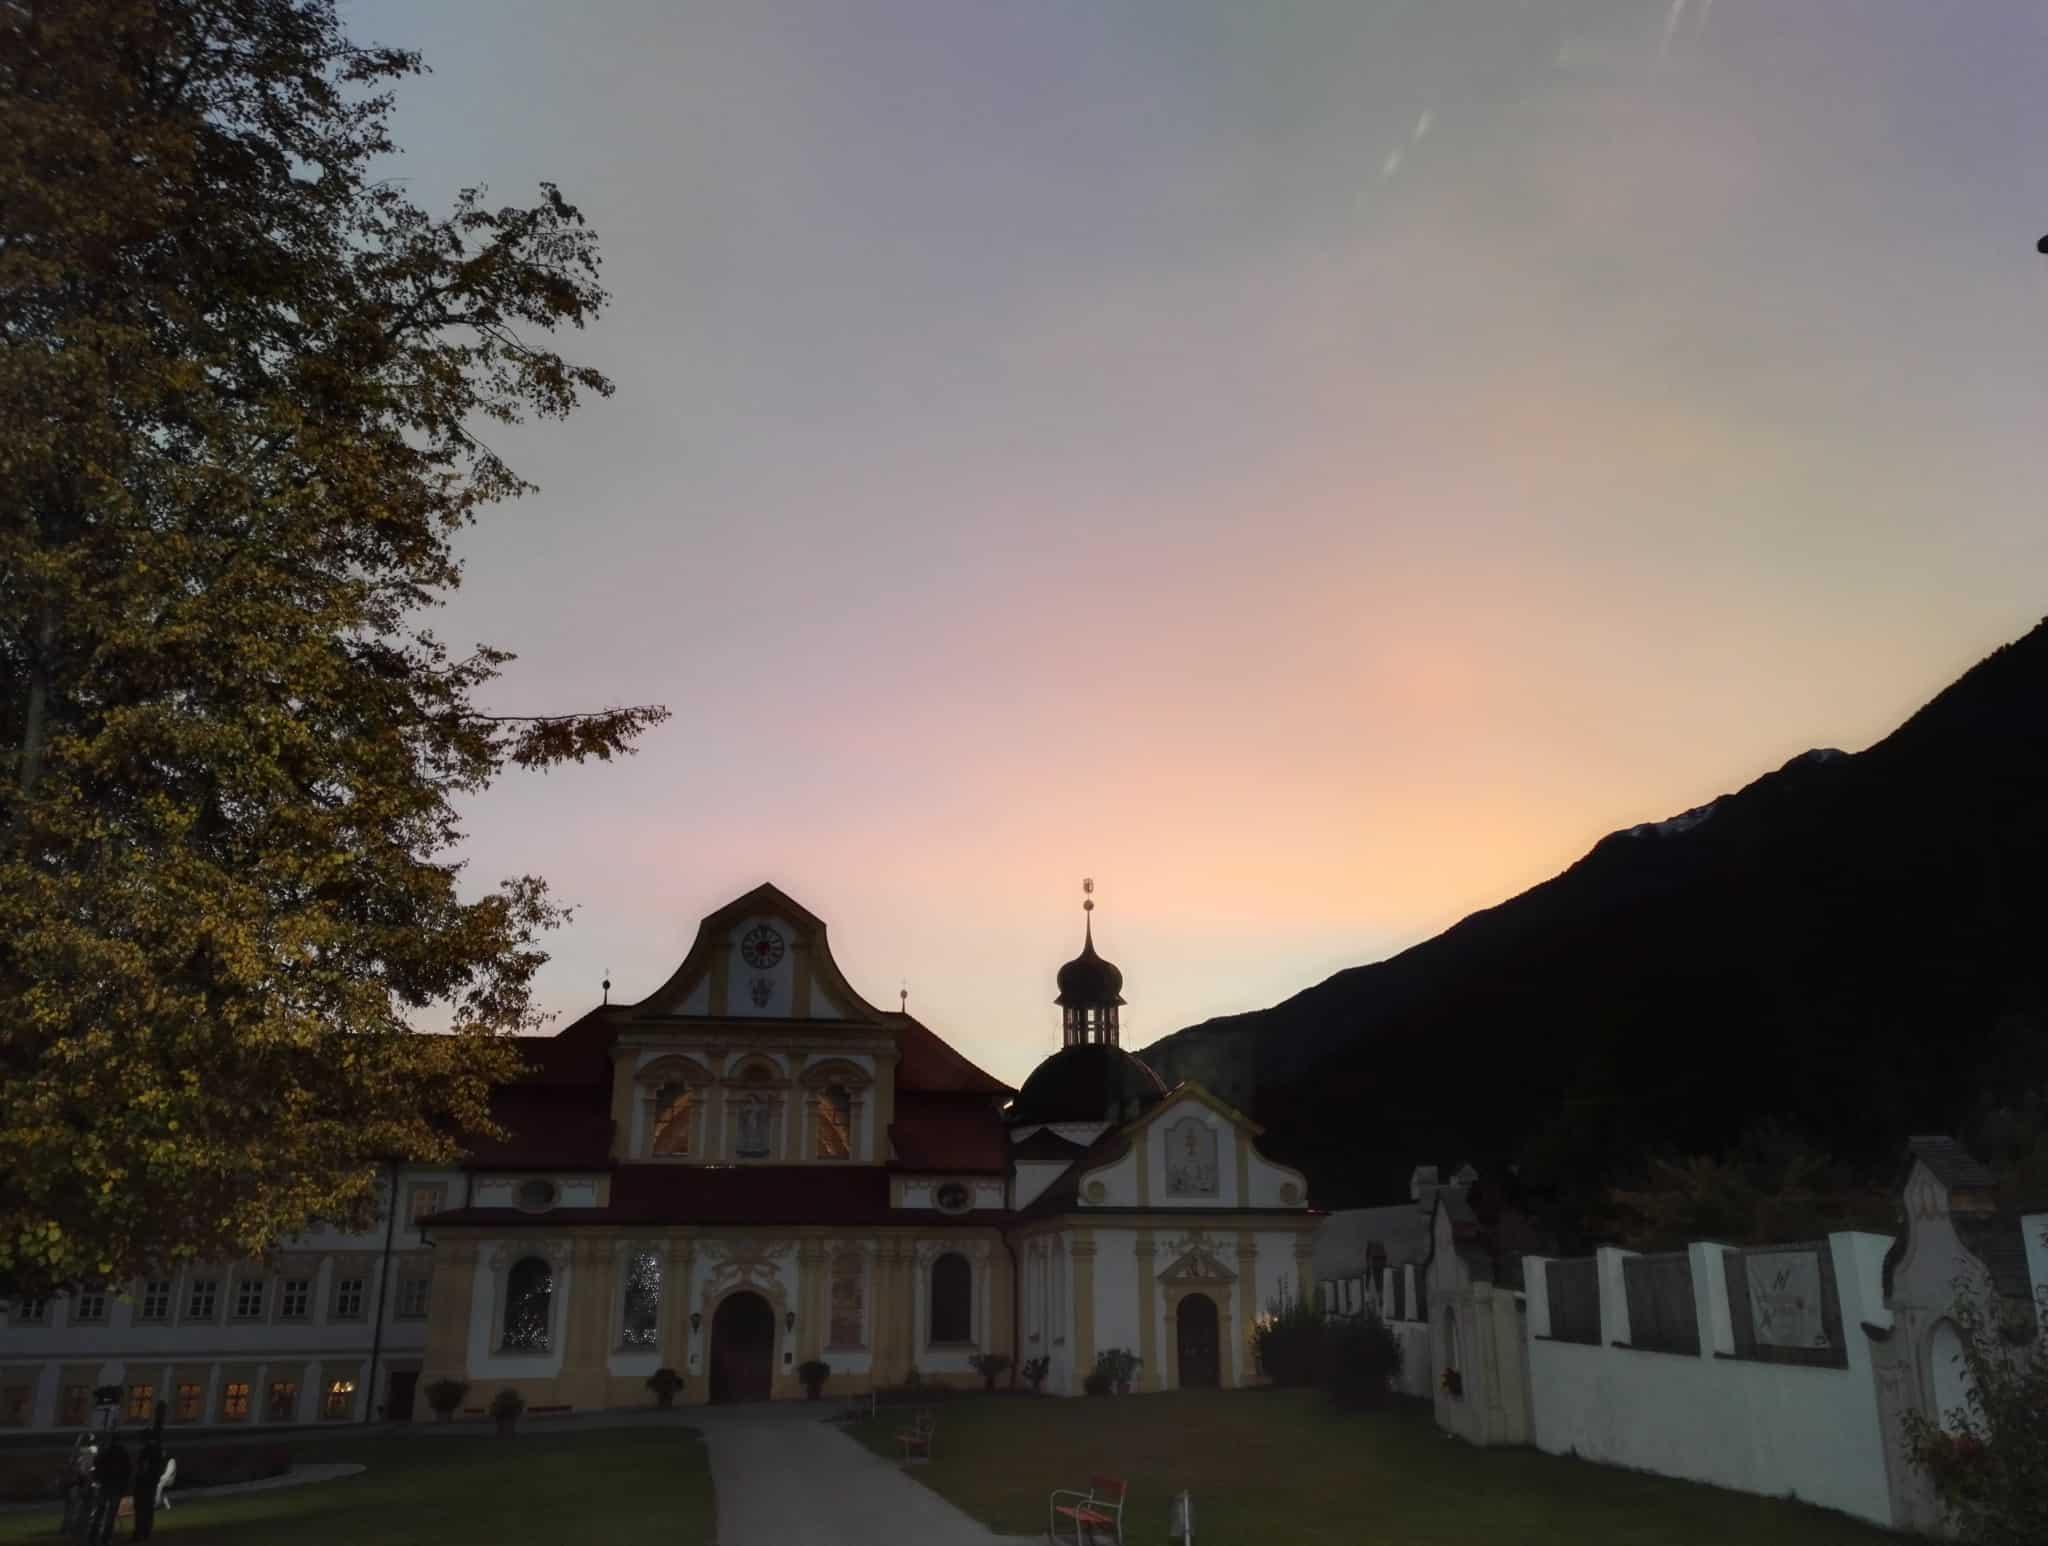 ORF Guten Morgen Österreich Tirol Sölden Woche C Andreas Felder 26 - ORF Guten Morgen Österreich - Tirol Woche